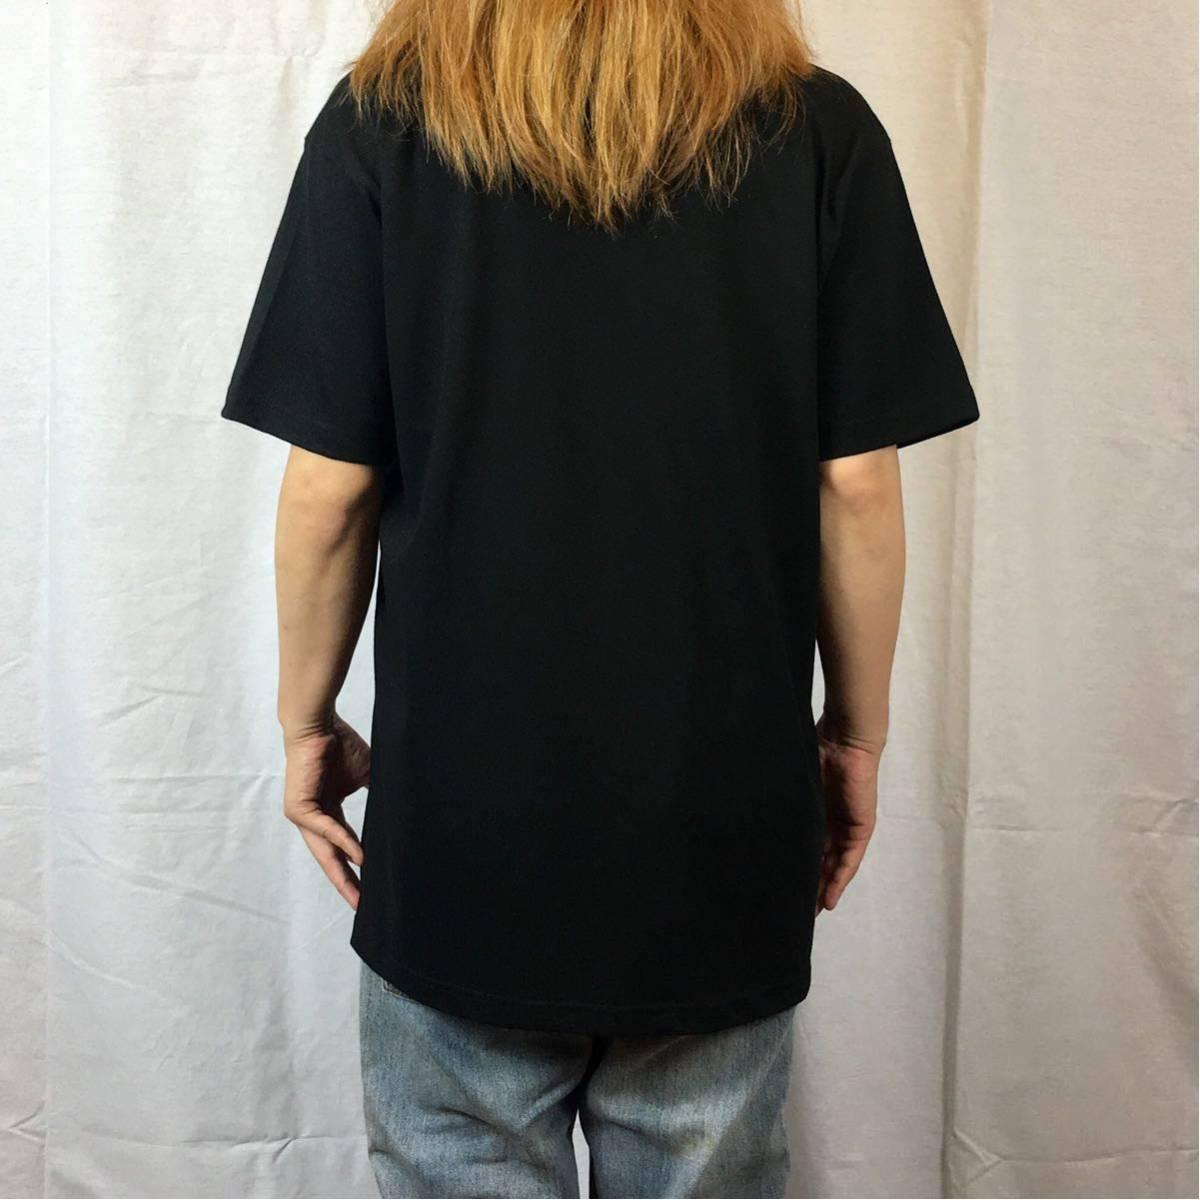 新品 大きい サイズ 専門 XXL~5XL ベーブルース ニューヨーク NY ヤンキース オーバー シルエット ビッグ 黒 Tシャツ ロンT 長袖 対応 OK_画像4